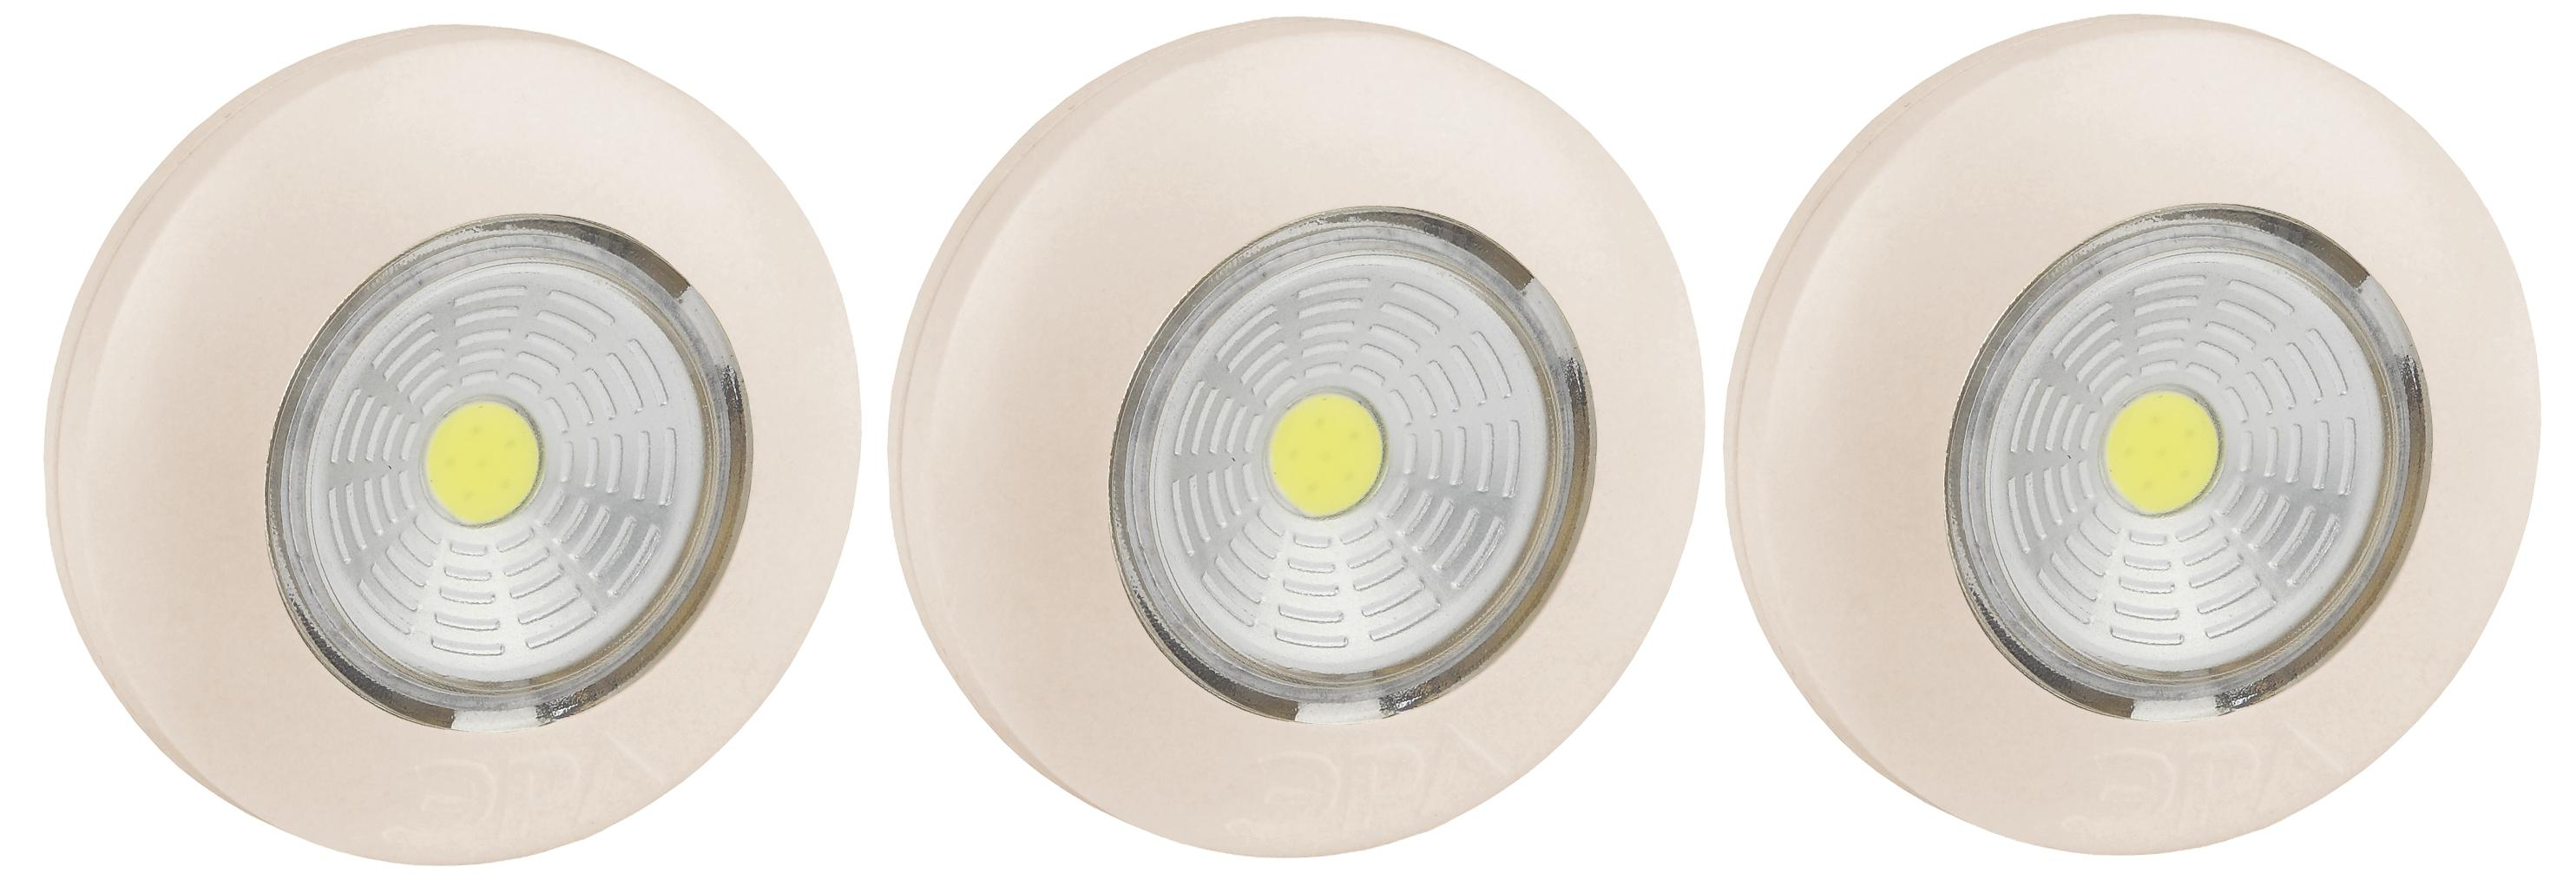 Фонарь ЭРА Sb-505 фонарь брелок эра 1xled с лазерной указкой